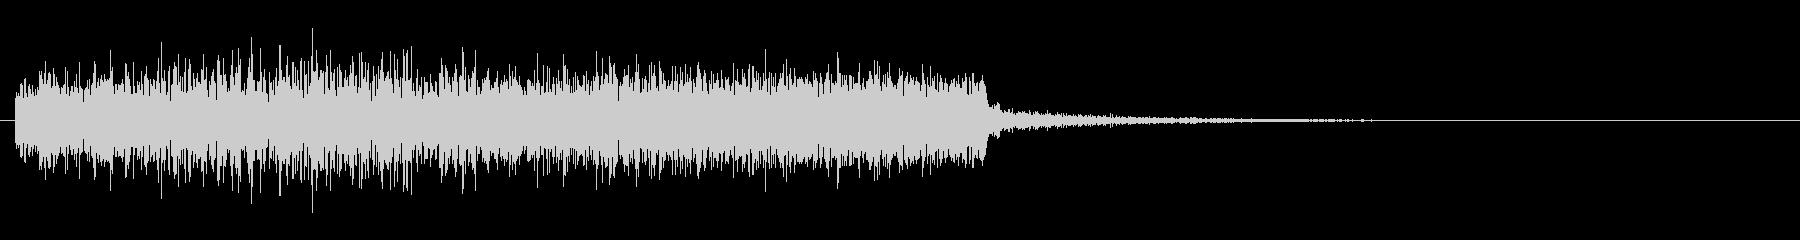 強めの風魔法の効果音(つむじ風有り)の未再生の波形